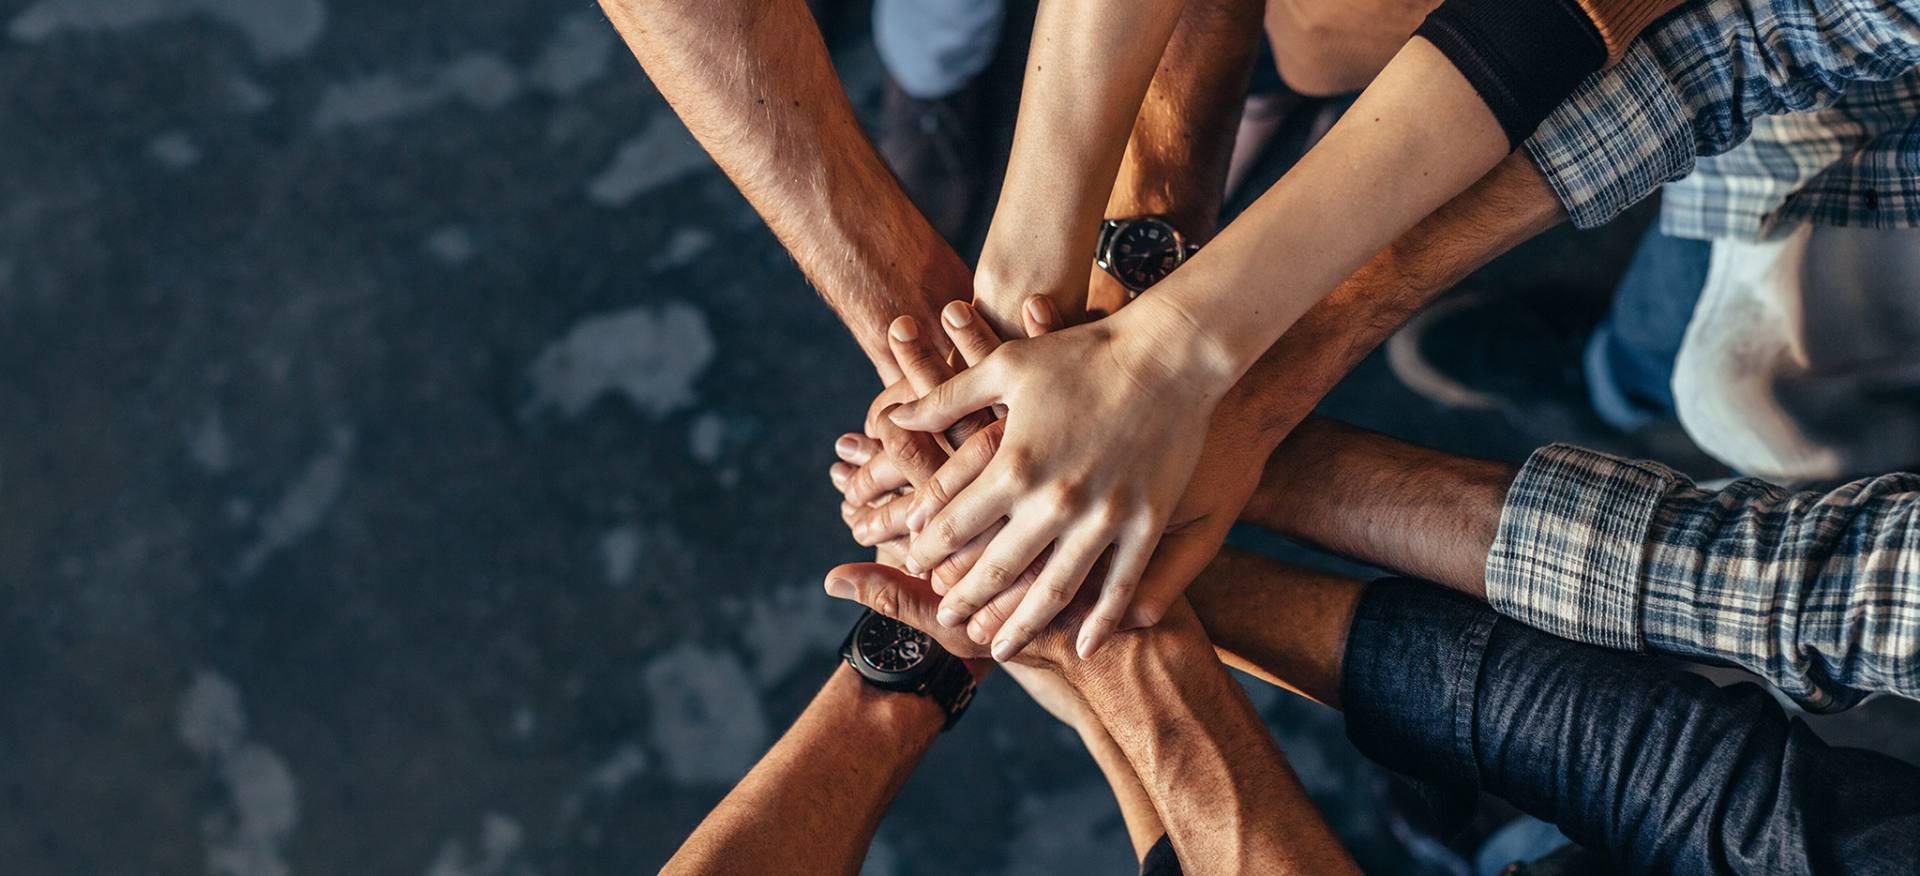 Grupa ubezpieczonych osób w geście solidarności układa dłonie jedna na drugiej